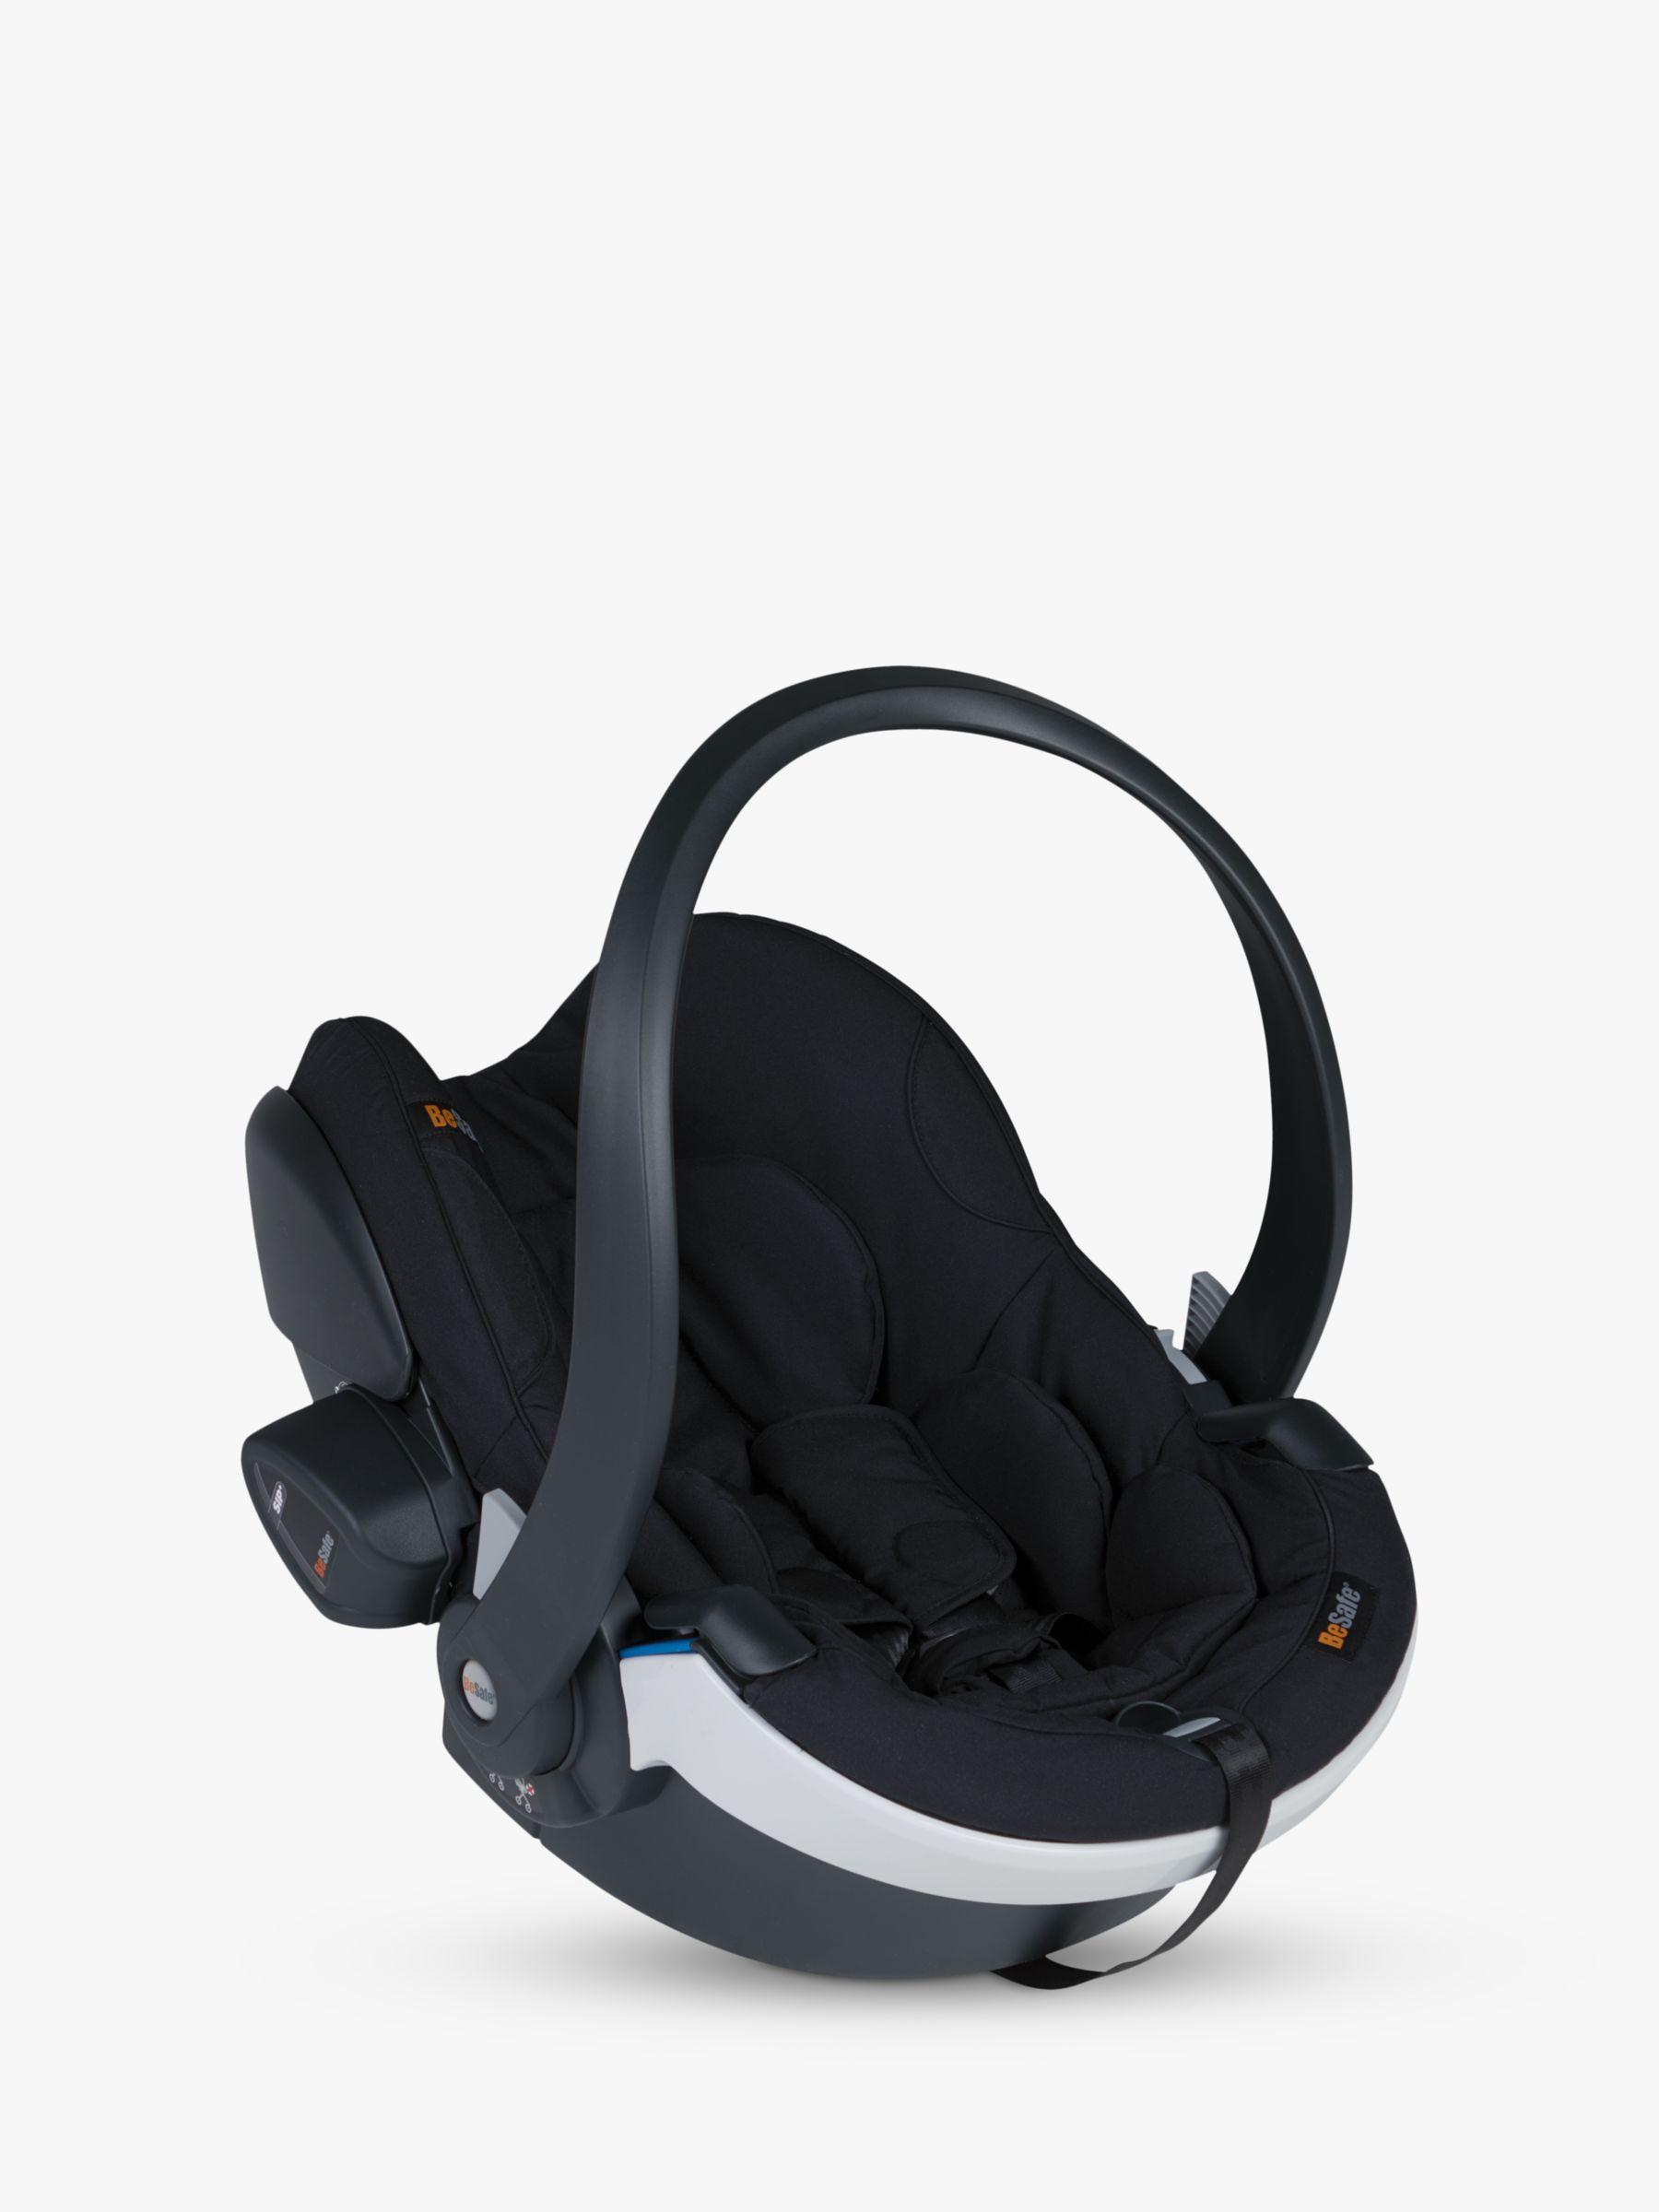 BeSafe BeSafe iZi Go Modular X1 i-Size Baby Car Seat, Black Cab